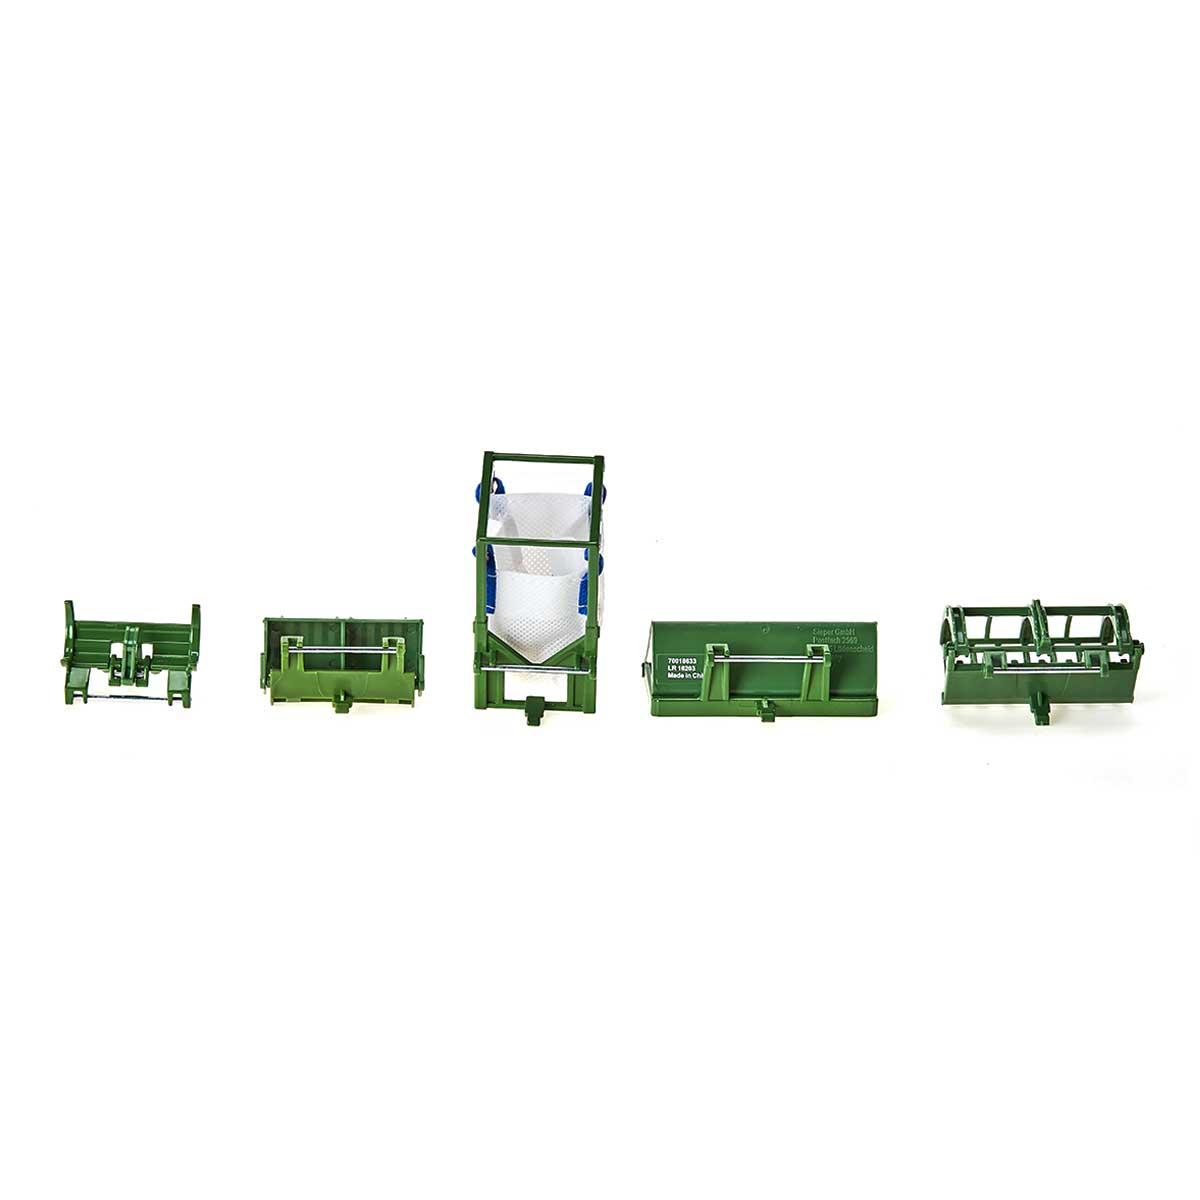 パーツ フロントローダー アクセサリーセット5種 1:32(ジク・SIKU)